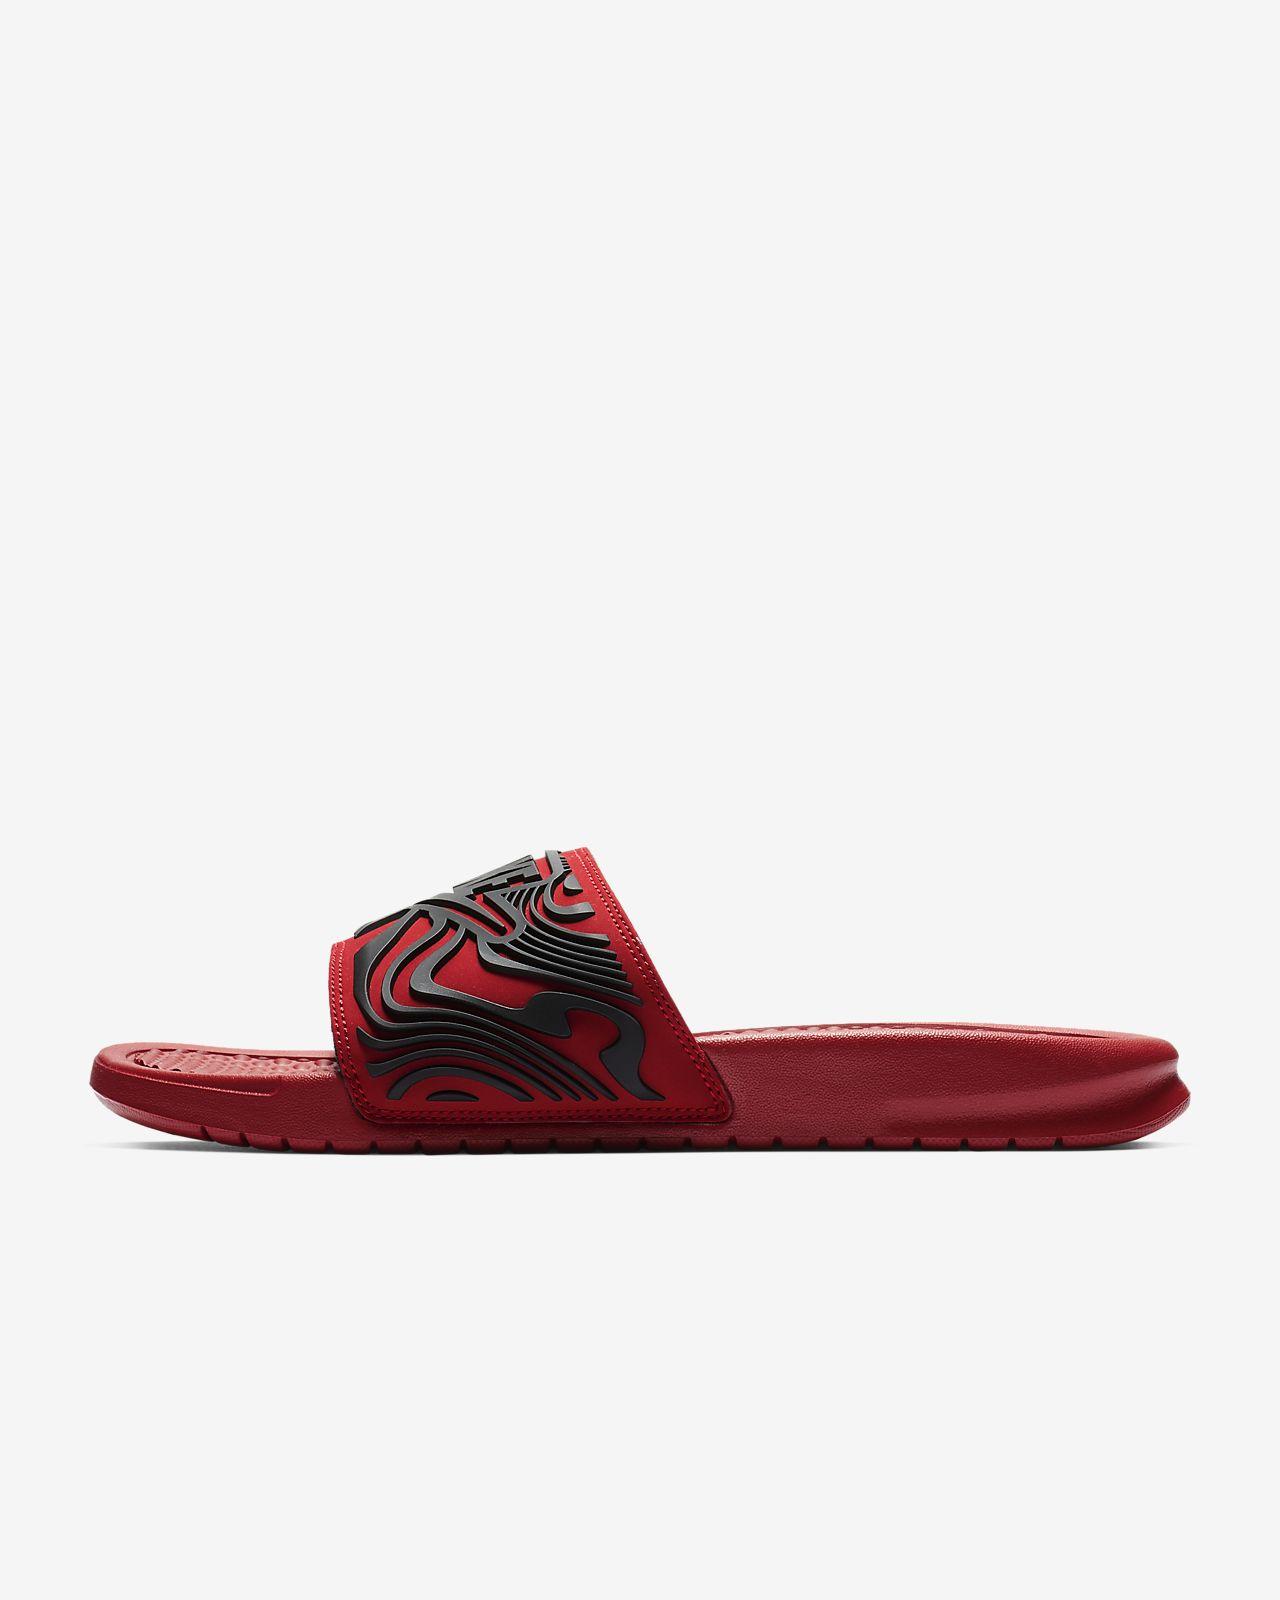 3c0da26da3e59 Nike Benassi JDI SE Men s Slide. Nike.com AE